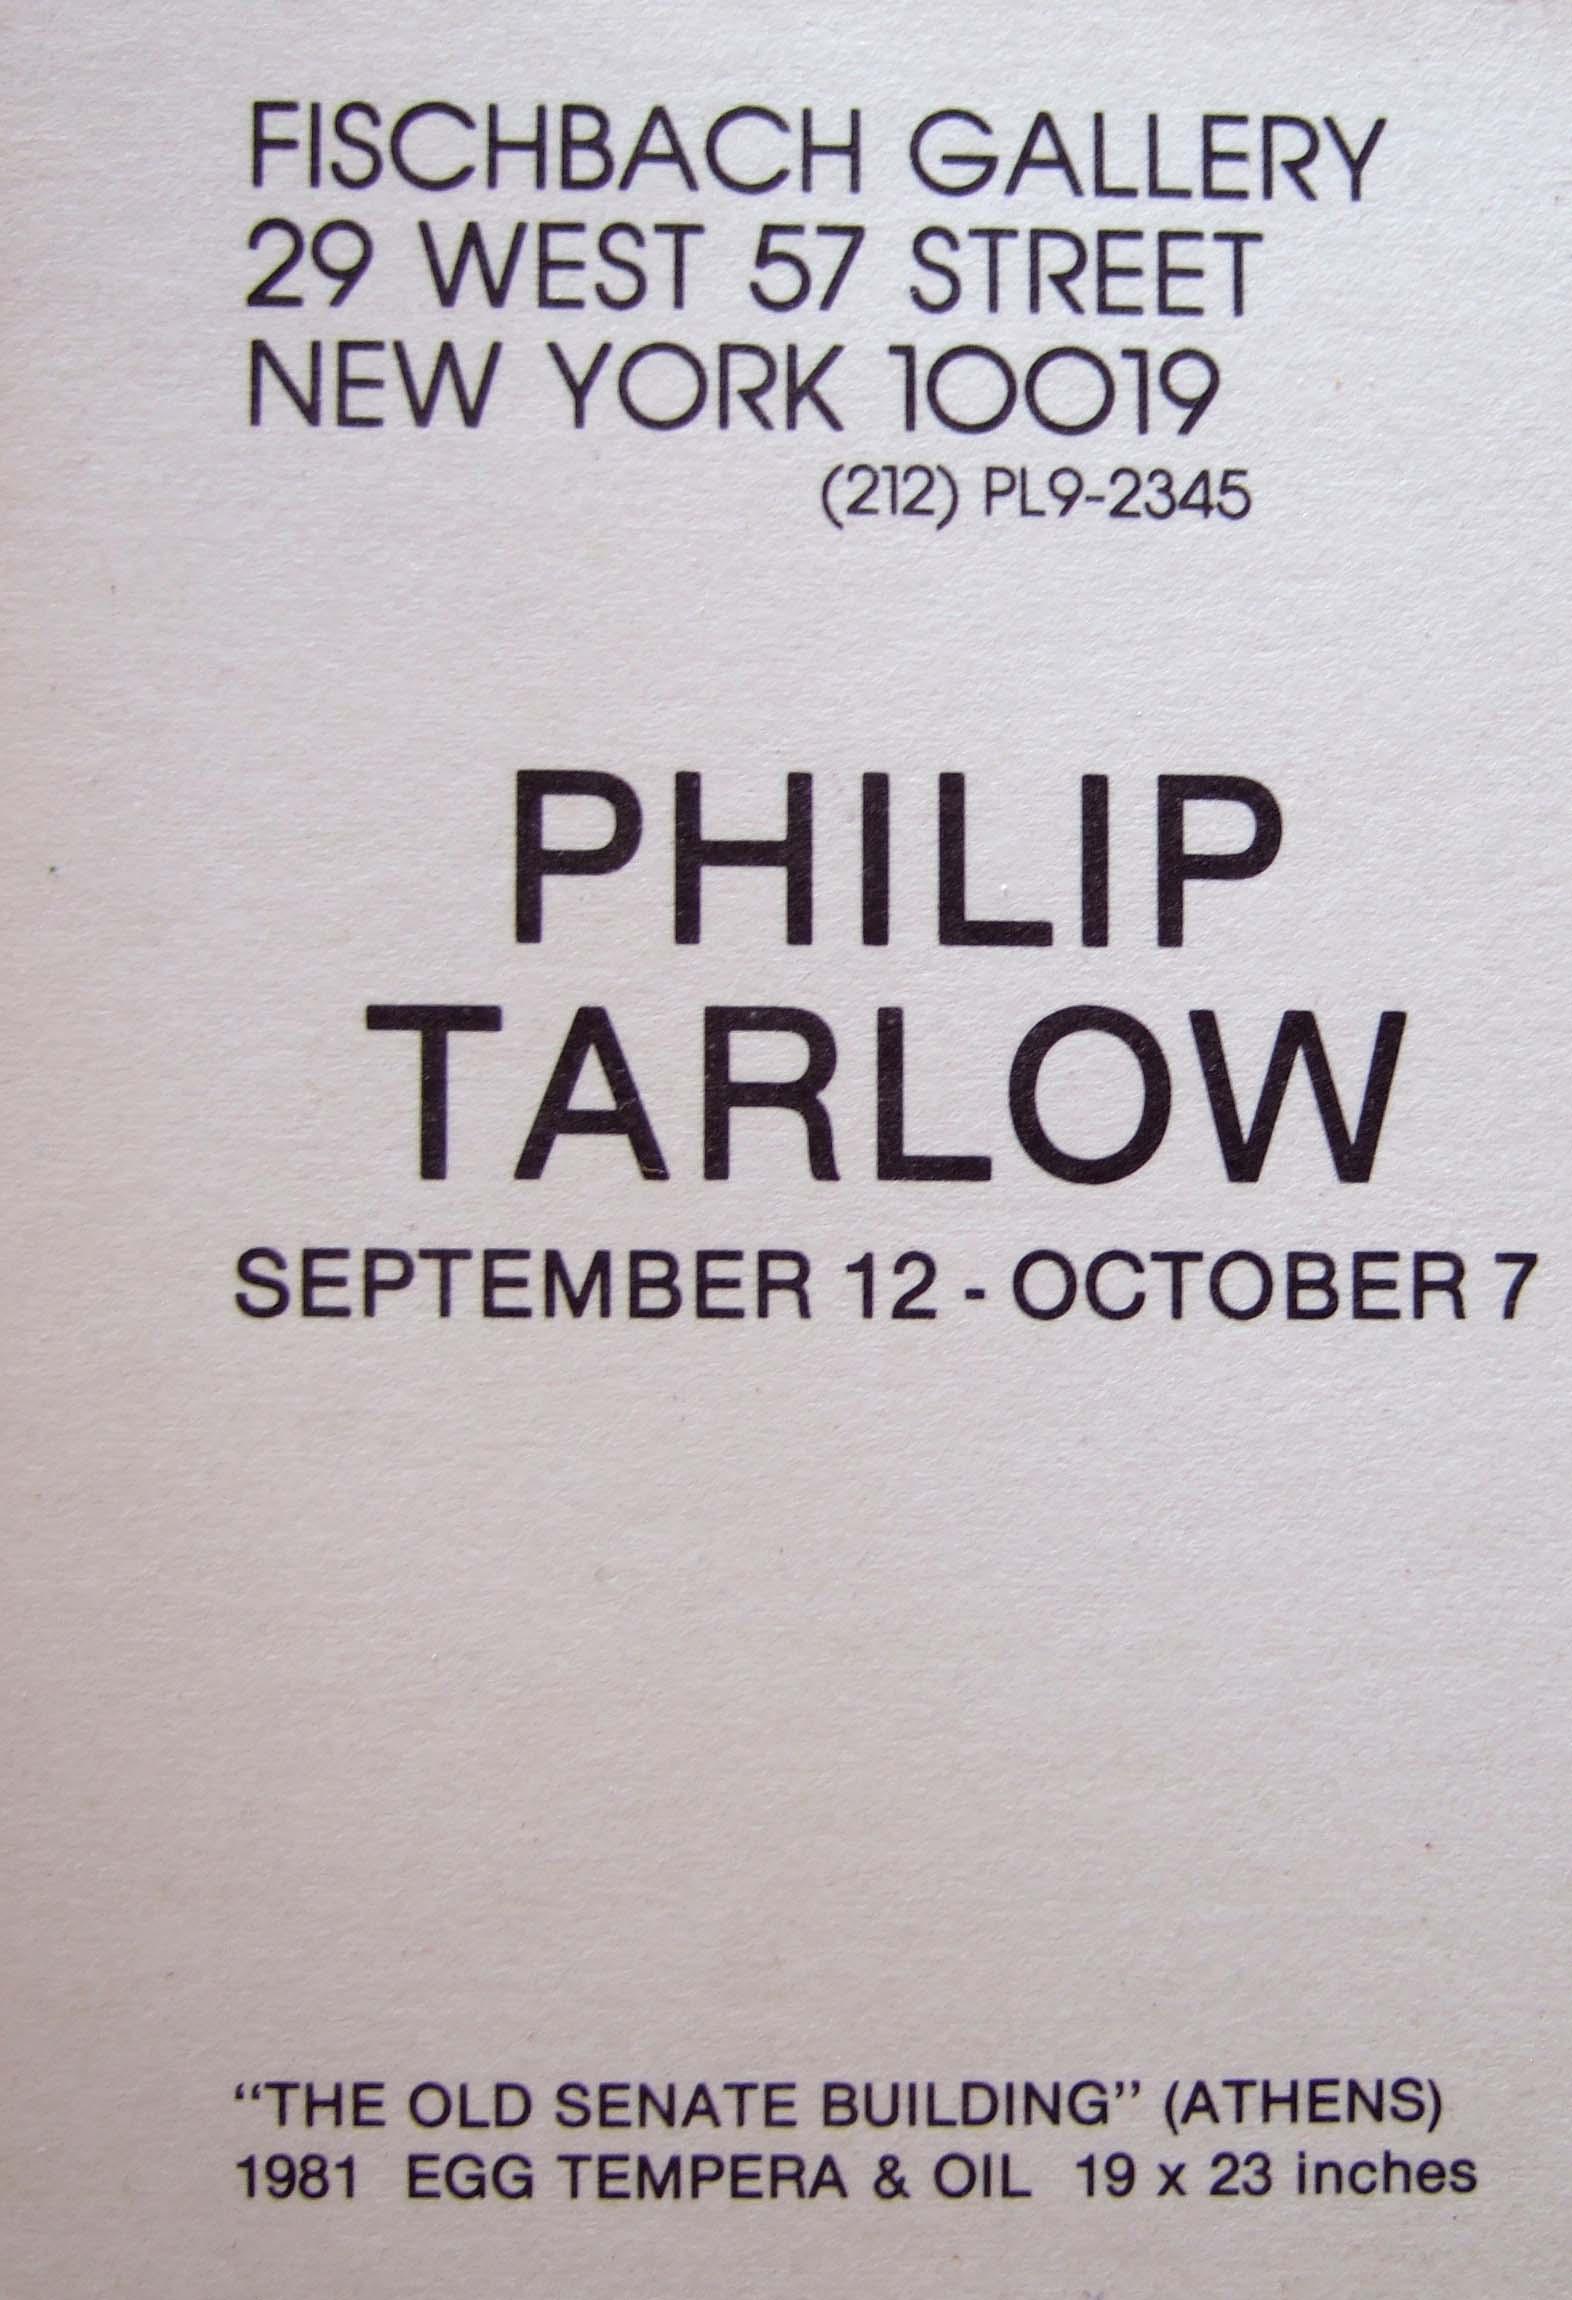 fischbach invitation, 1982